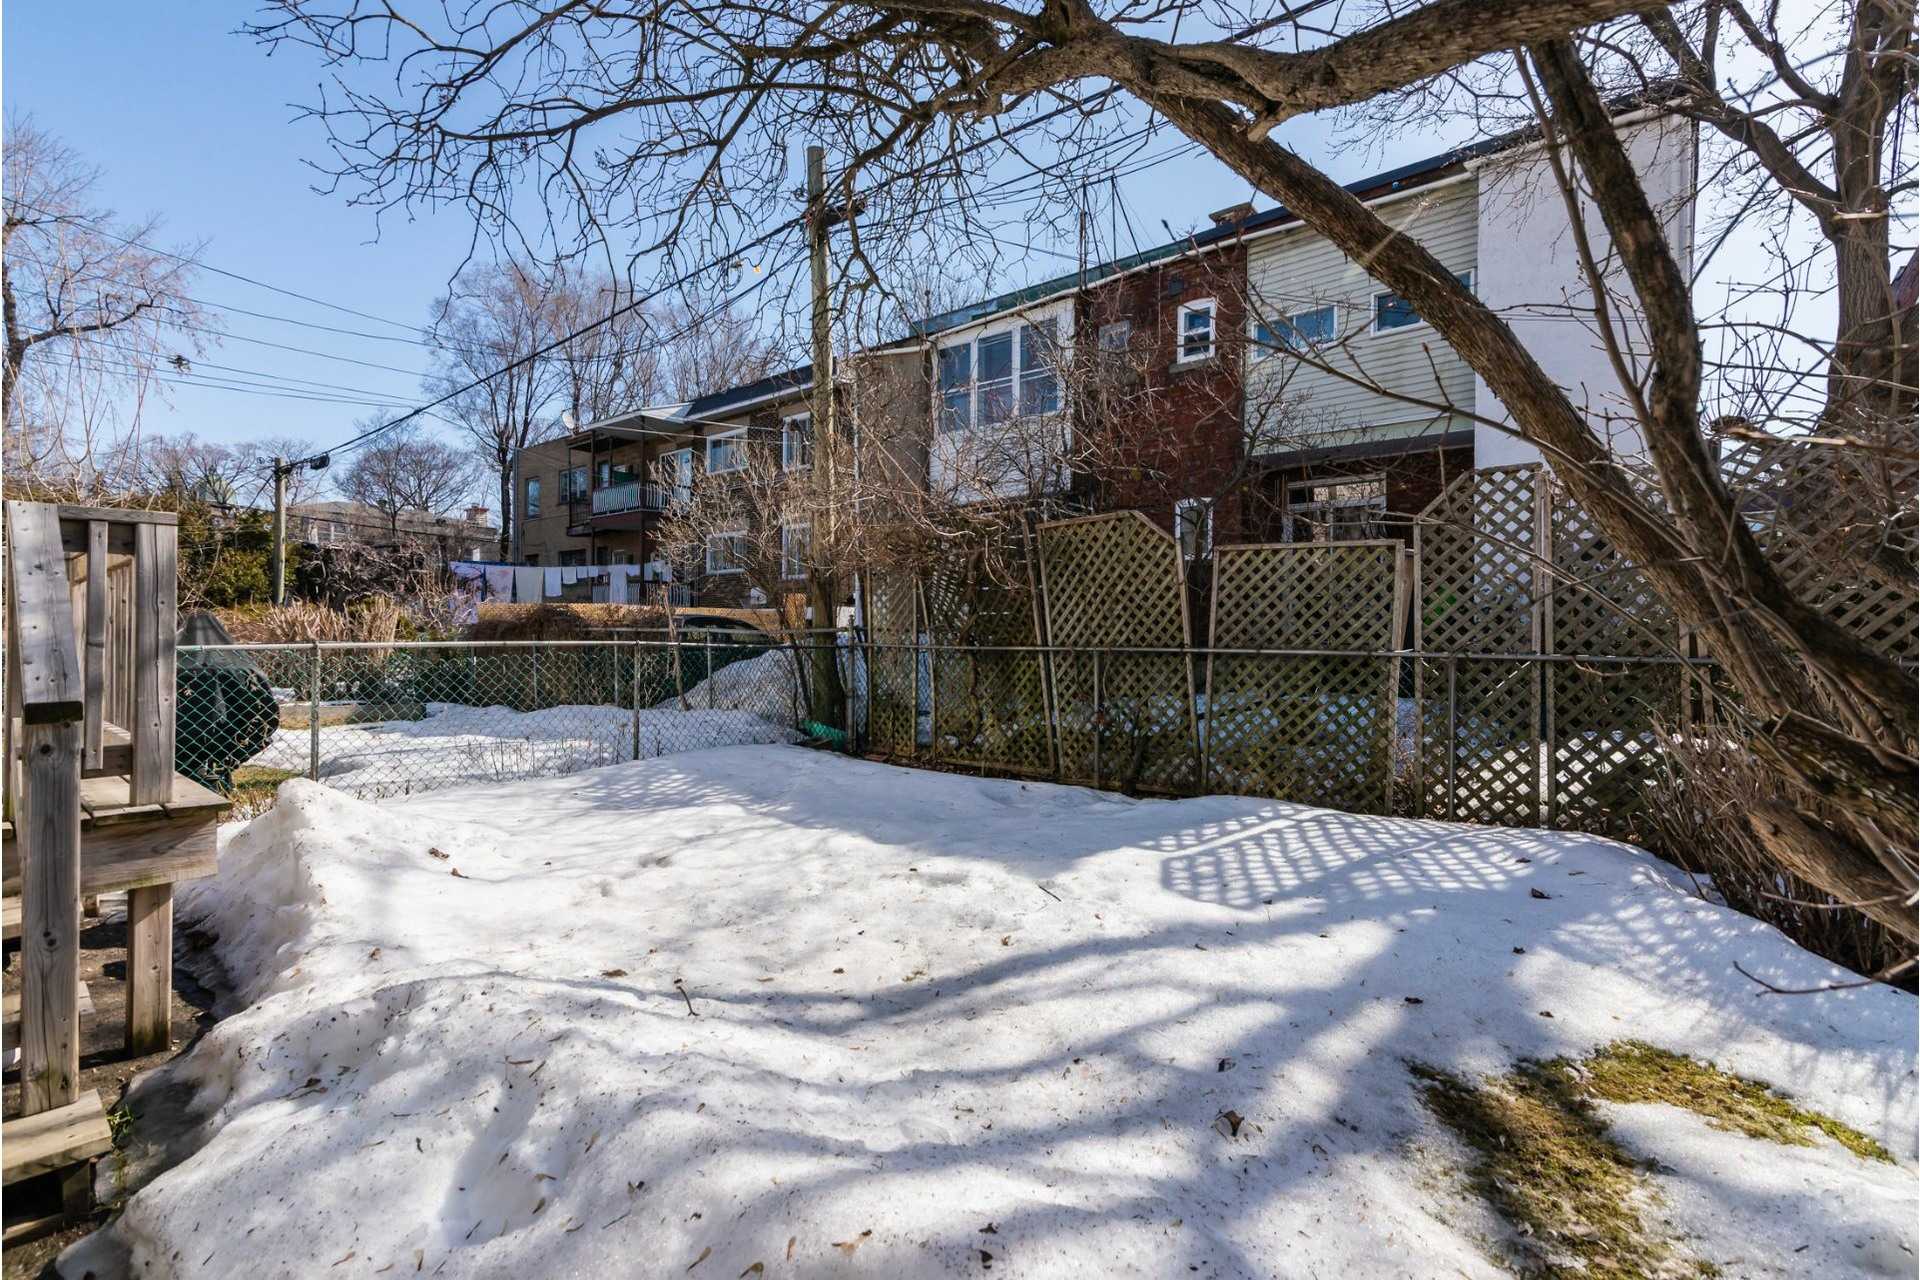 image 30 - Duplex À vendre Côte-des-Neiges/Notre-Dame-de-Grâce Montréal  - 6 pièces